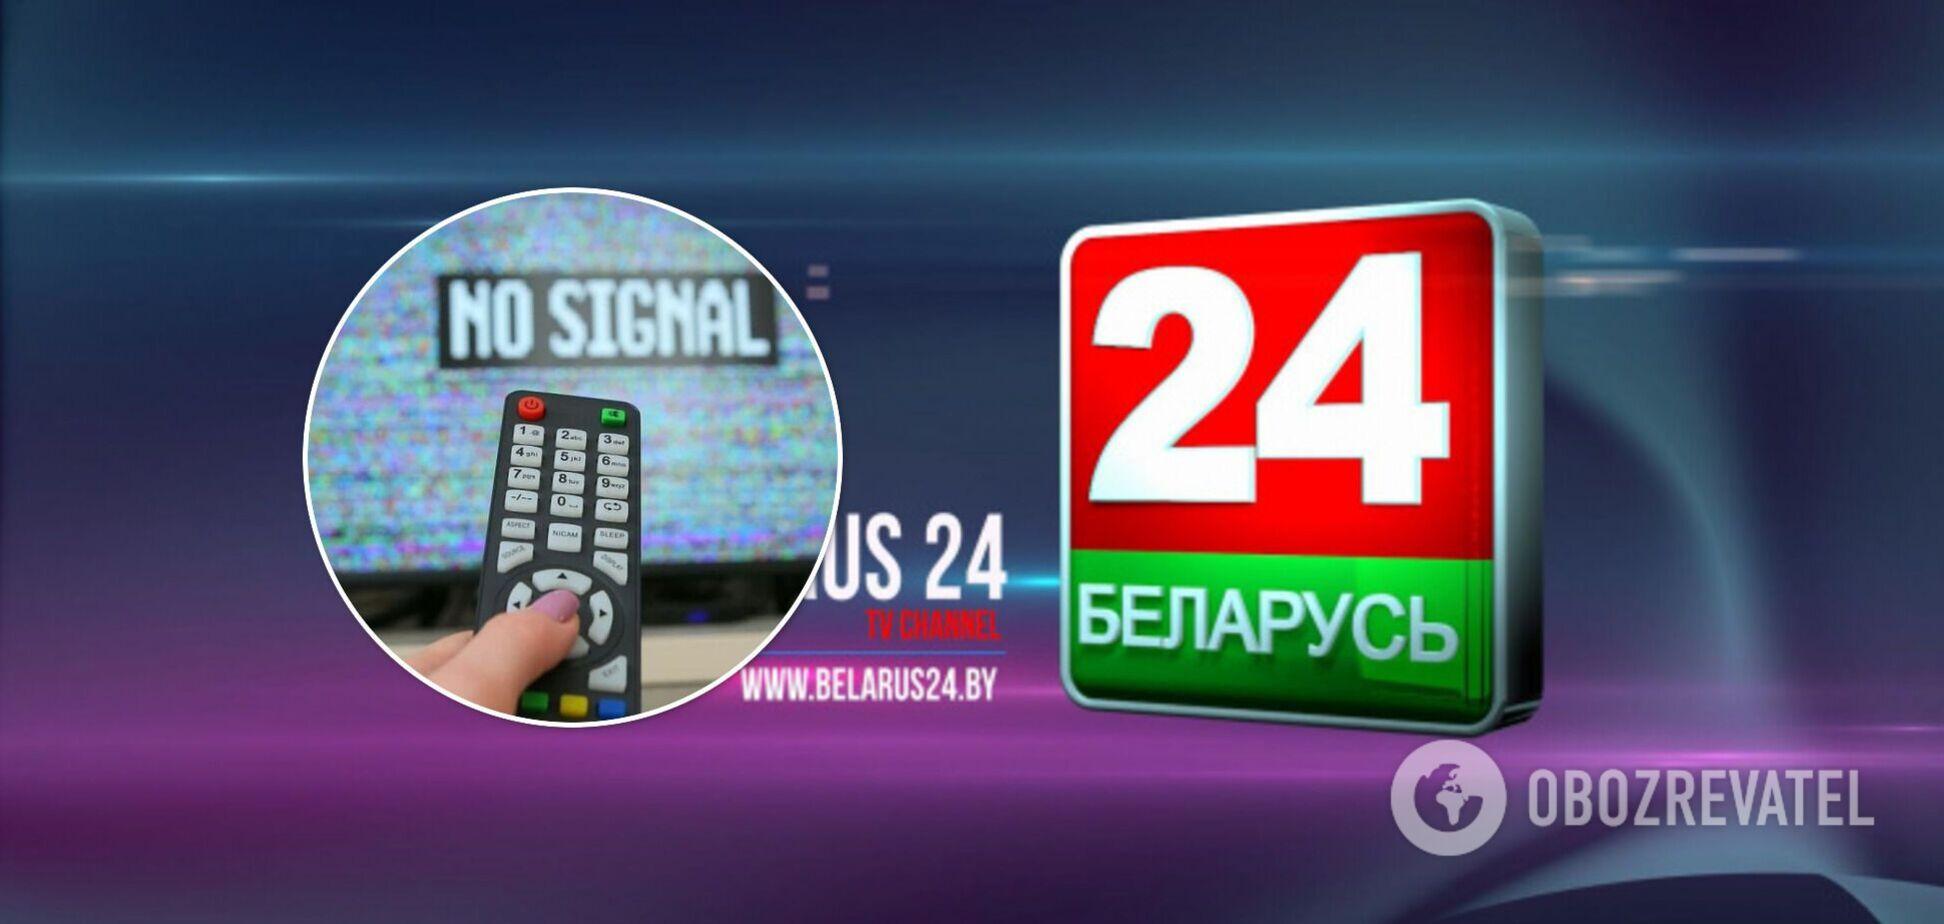 Нацсовет запретил трансляцию в Украине телеканала 'Беларусь 24'